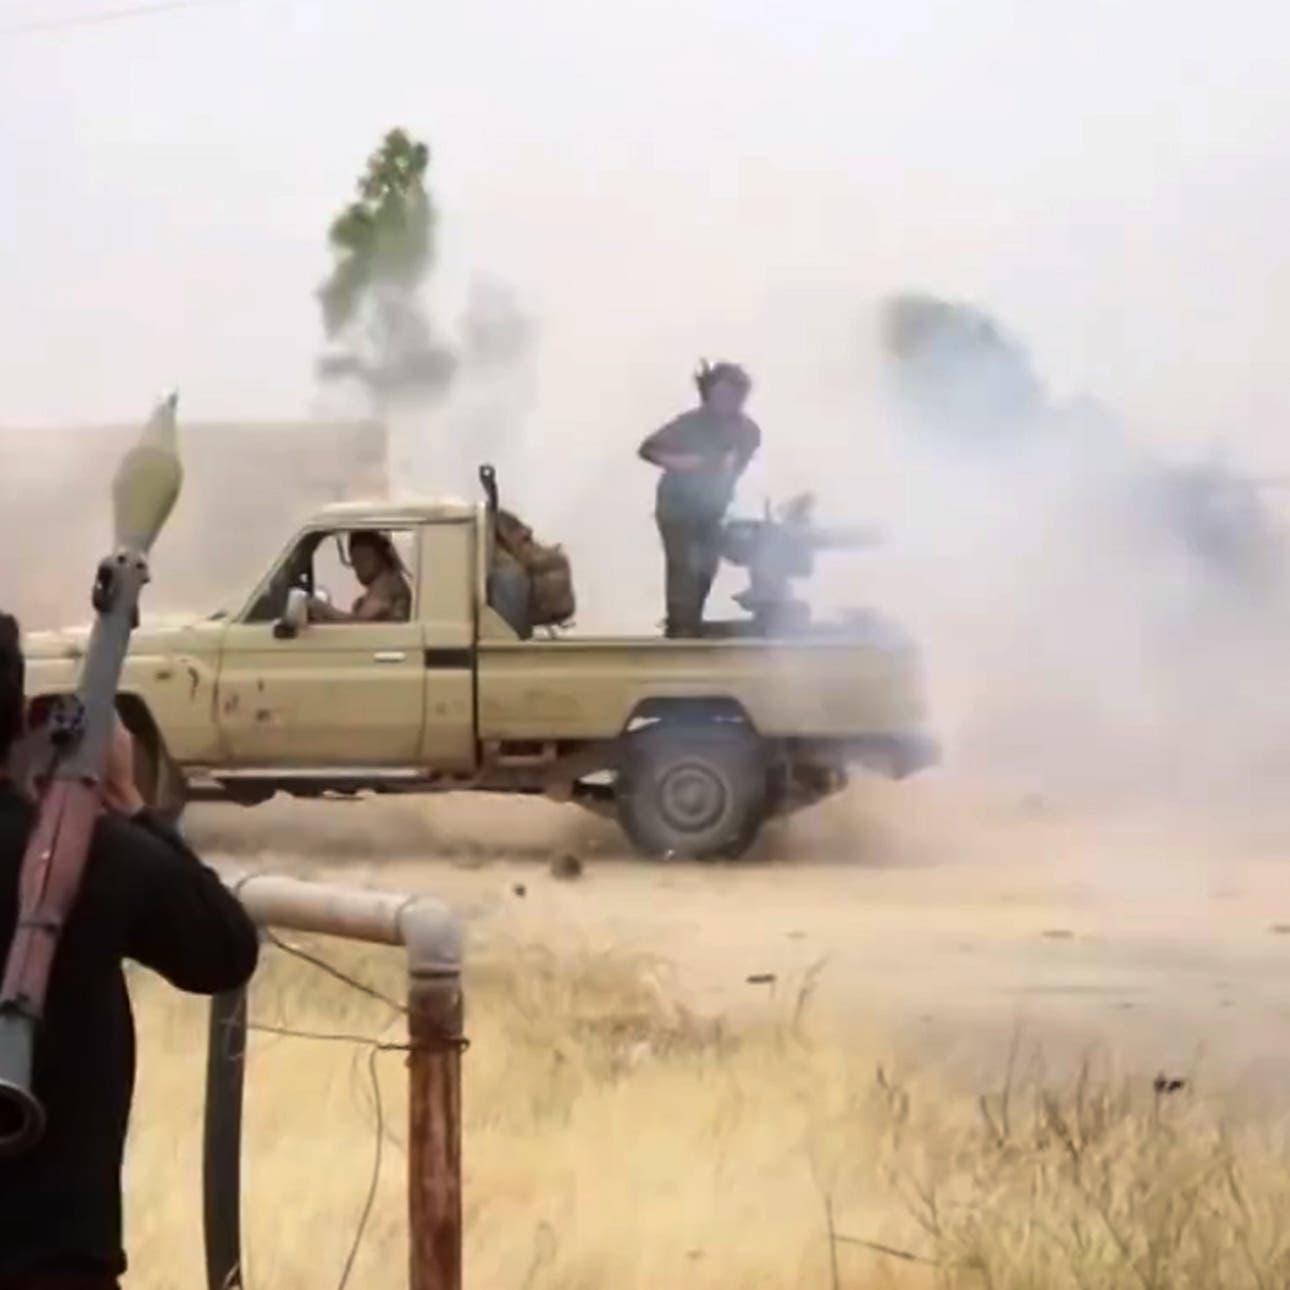 تصفية أسرى للجيش الليبي في غريان.. وحفتر يتوعد الوفاق